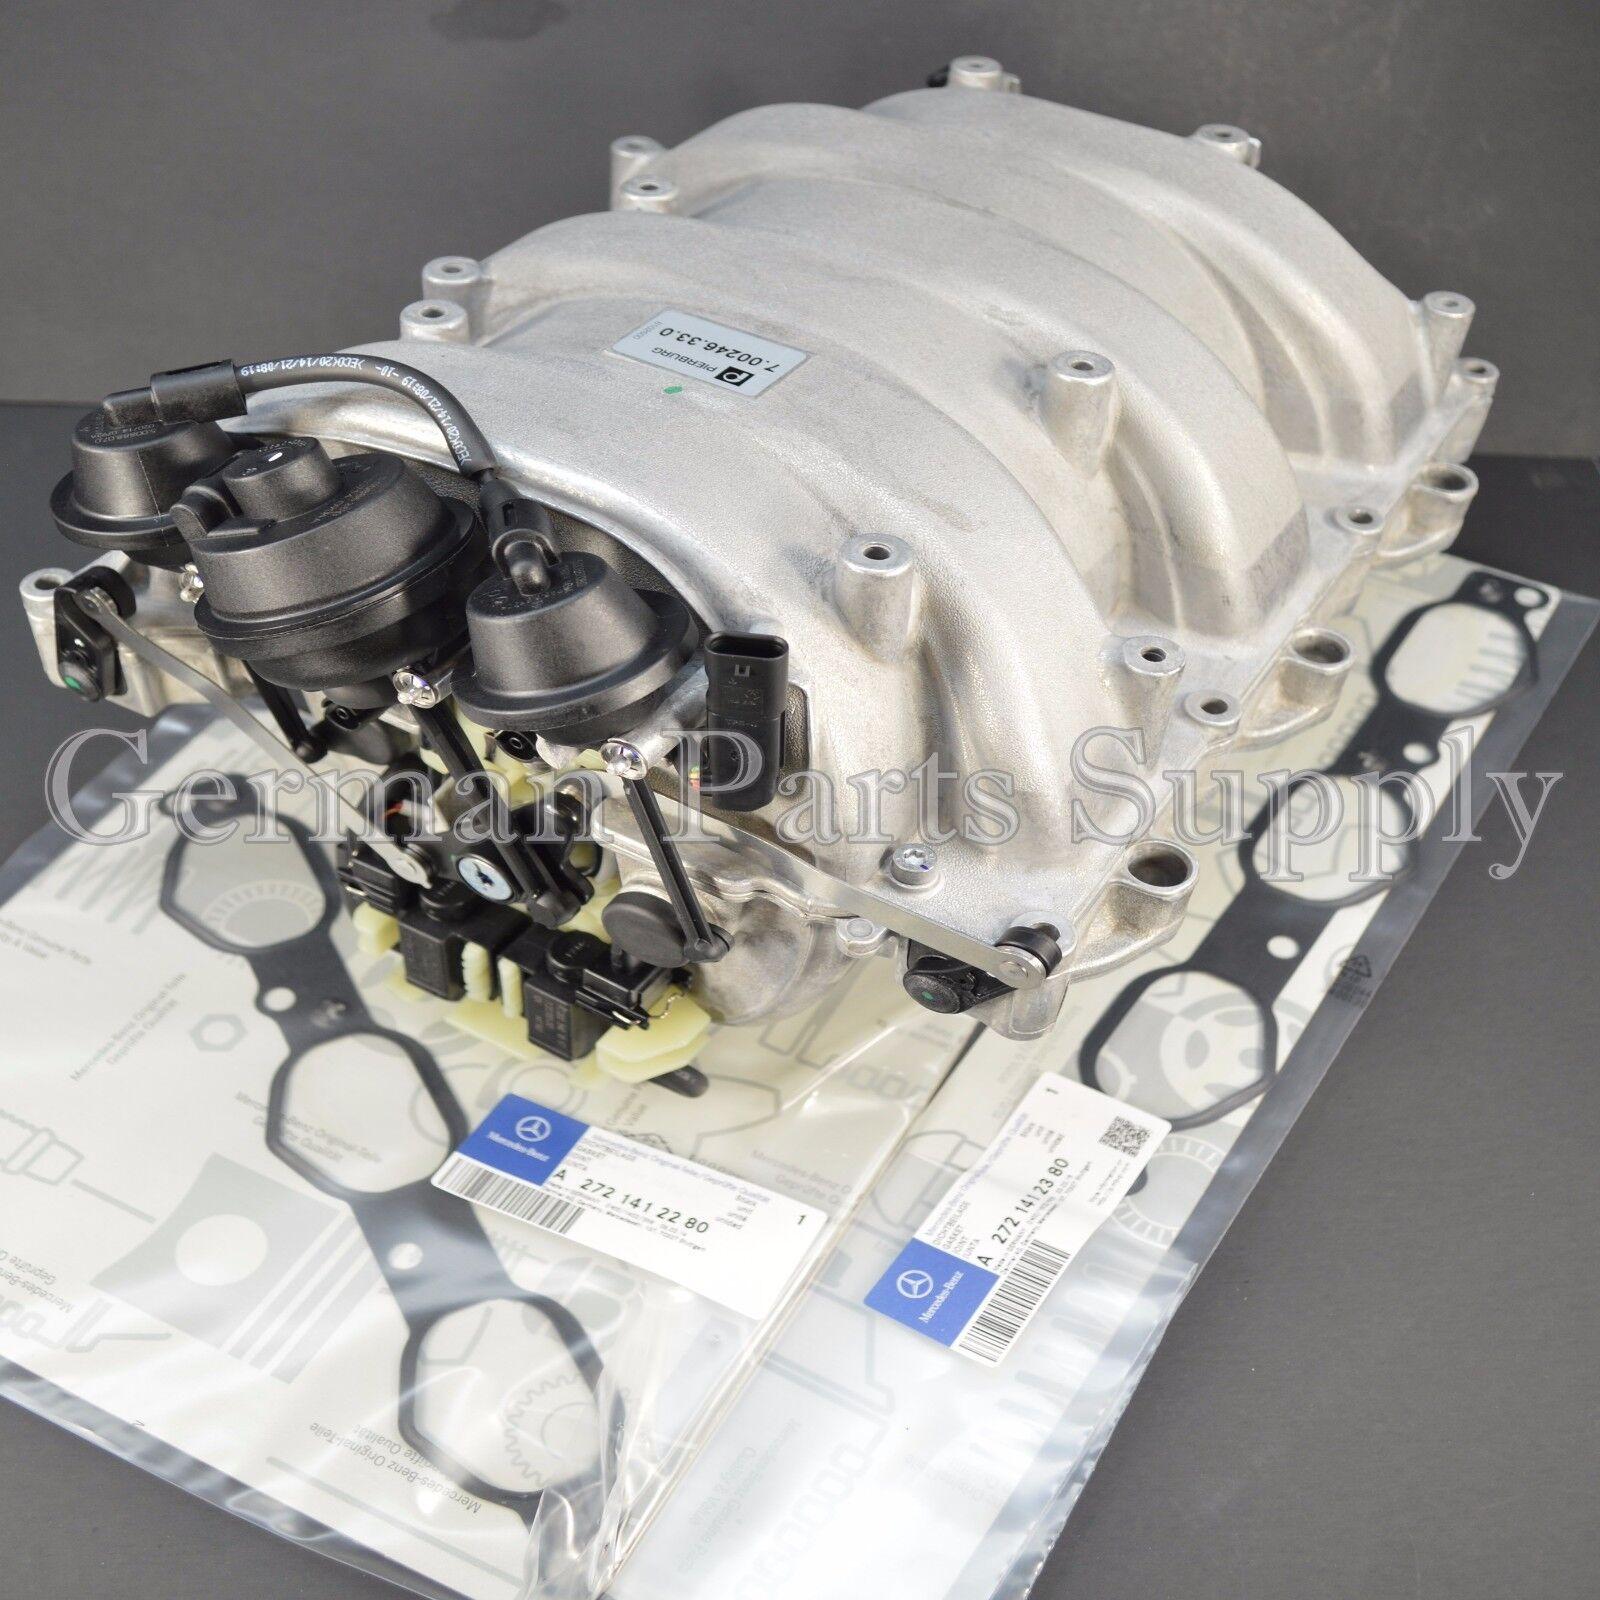 Mercedes benz pierburg intake engine manifold assembly for Mercedes benz intake manifold repair kit ebay